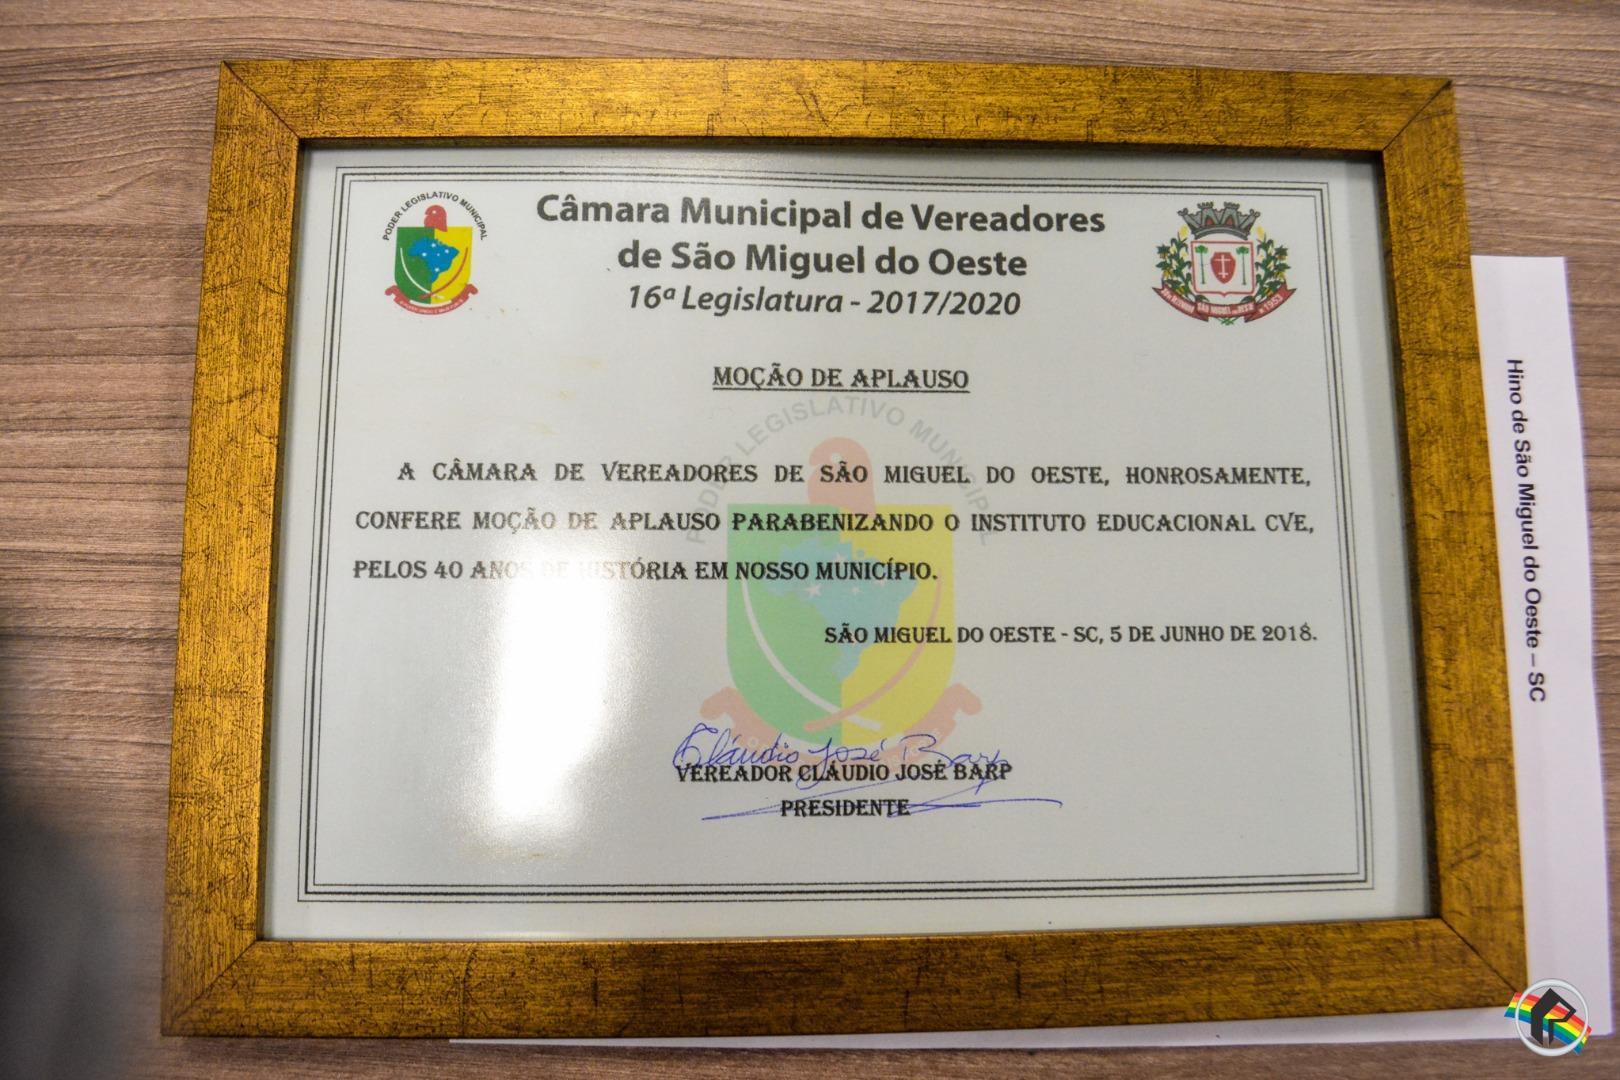 Instituto Educacional CVE é homenageado pela Câmara de Vereadores